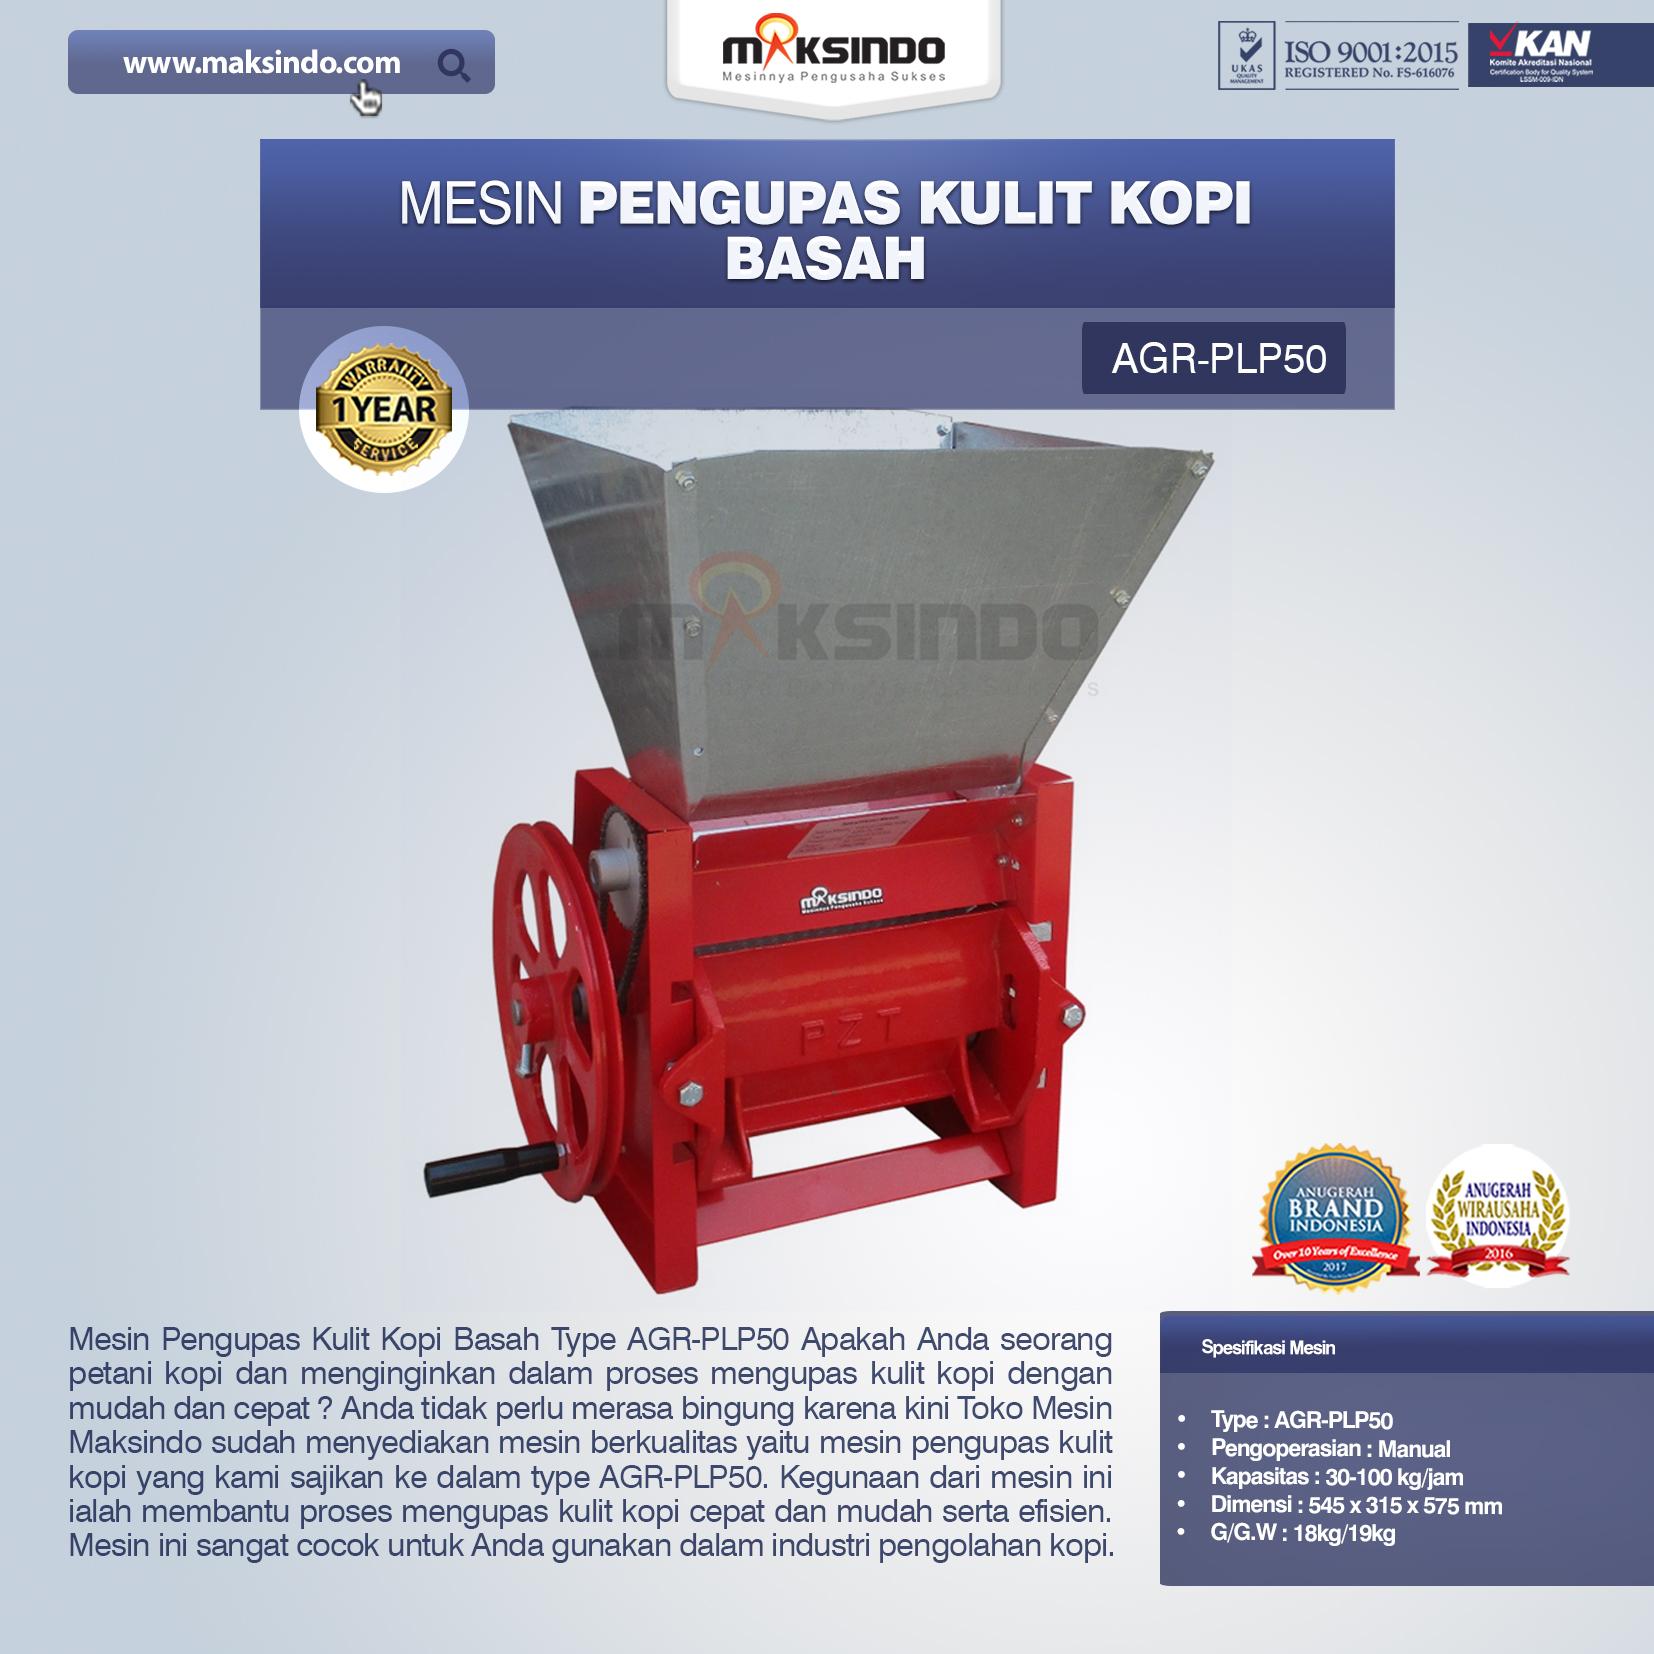 Jual Mesin Pengupas Kulit Kopi Basah Type AGR-PLP50 di Blitar